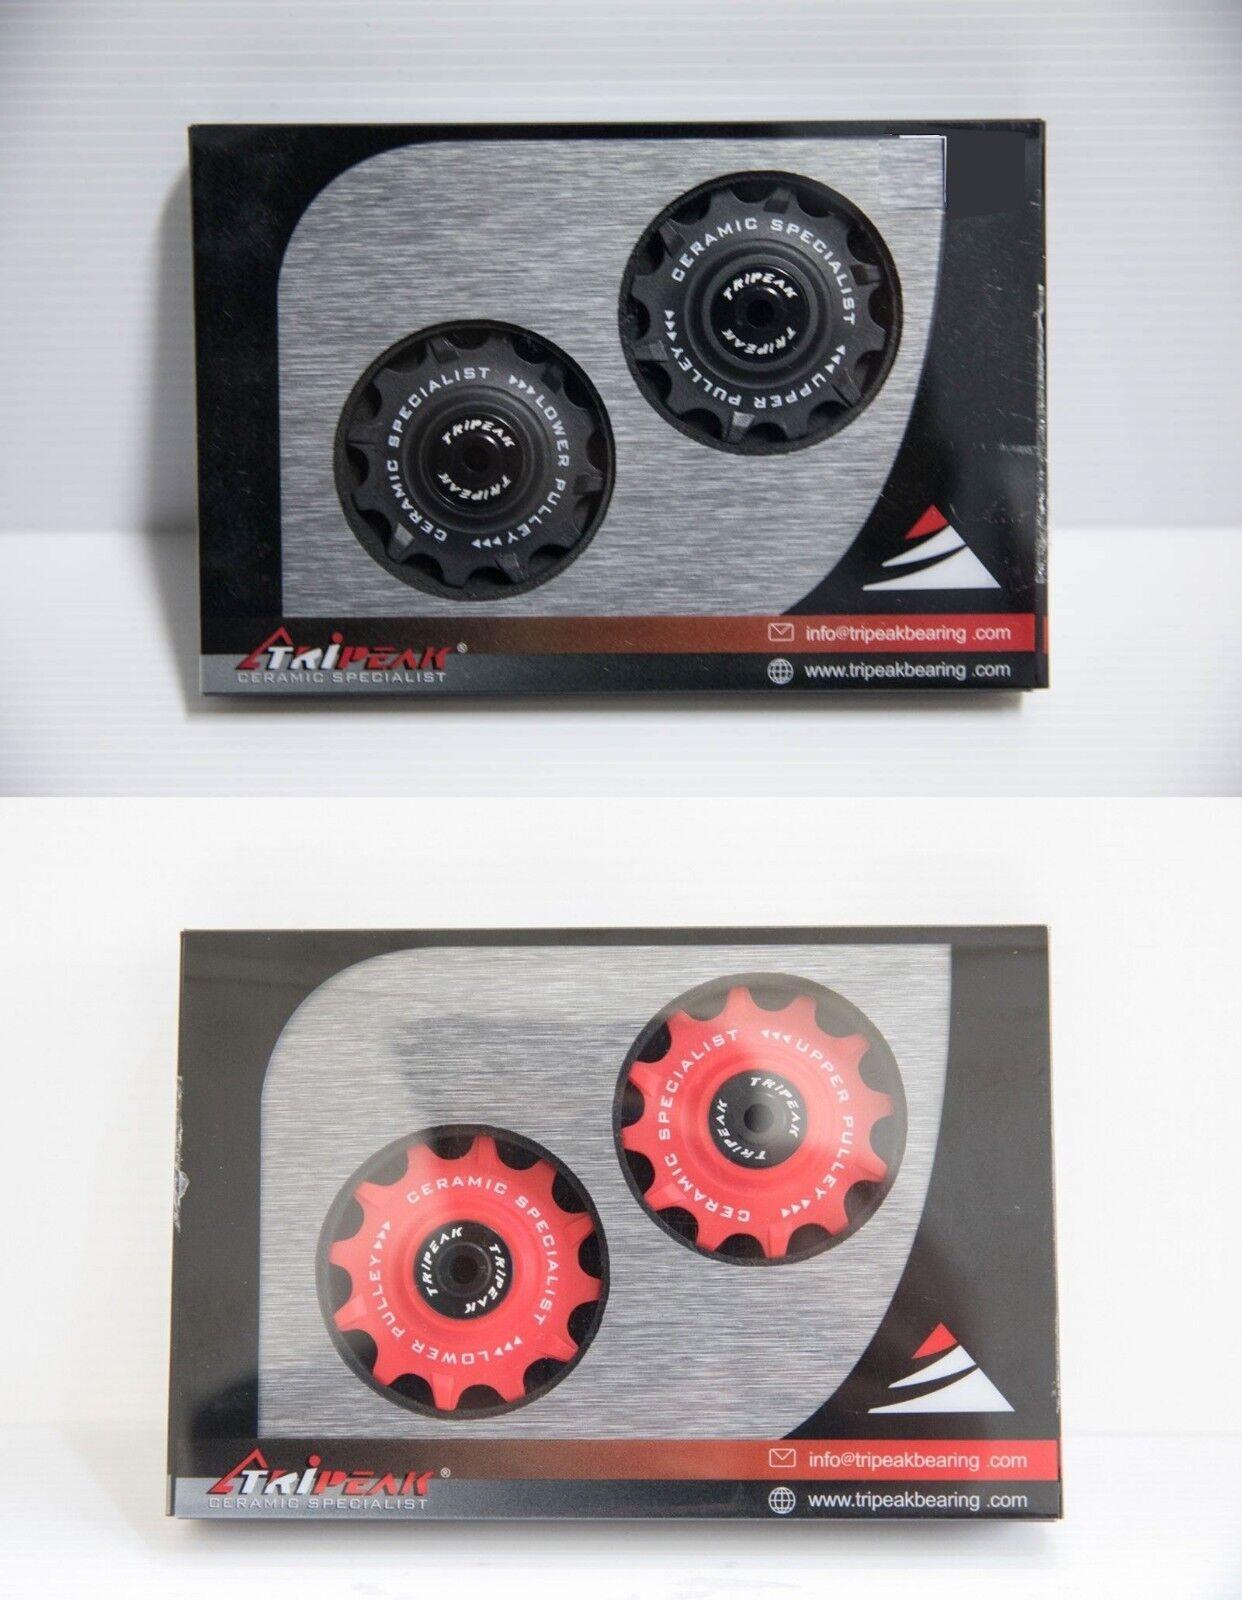 Tripeak Super de cerámica de 12-12 Dientes Shimano compatible Carretera & Mtb, Negro Y Rojo